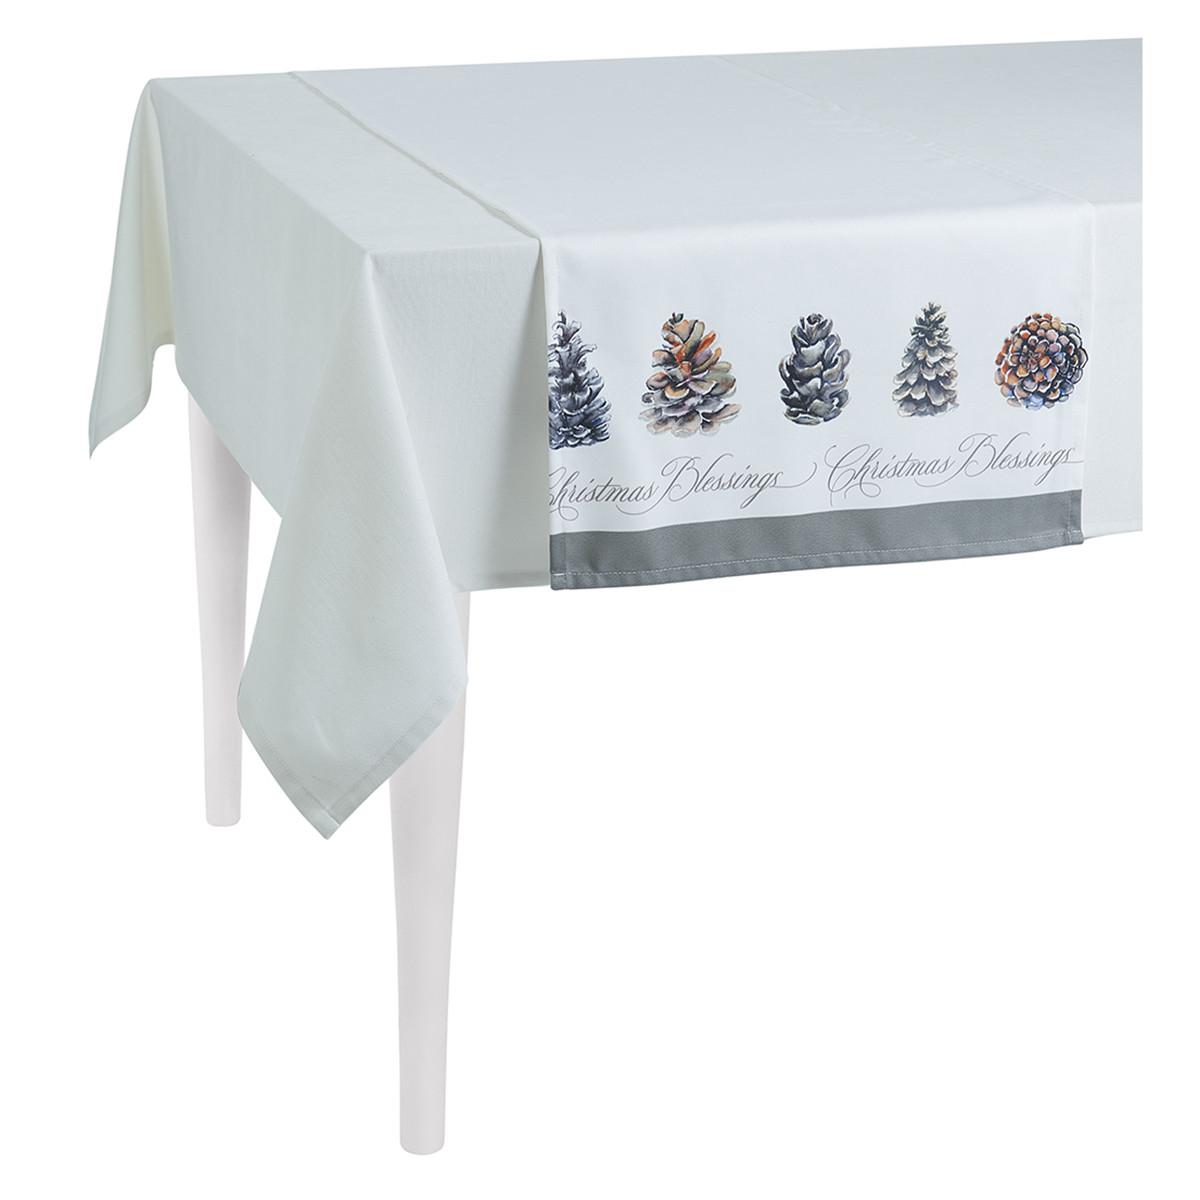 Χριστουγεννιάτικη Τραβέρσα Apolena 715-5591/1 home   χριστουγεννιάτικα   χριστουγεννιάτικες τραβέρσες